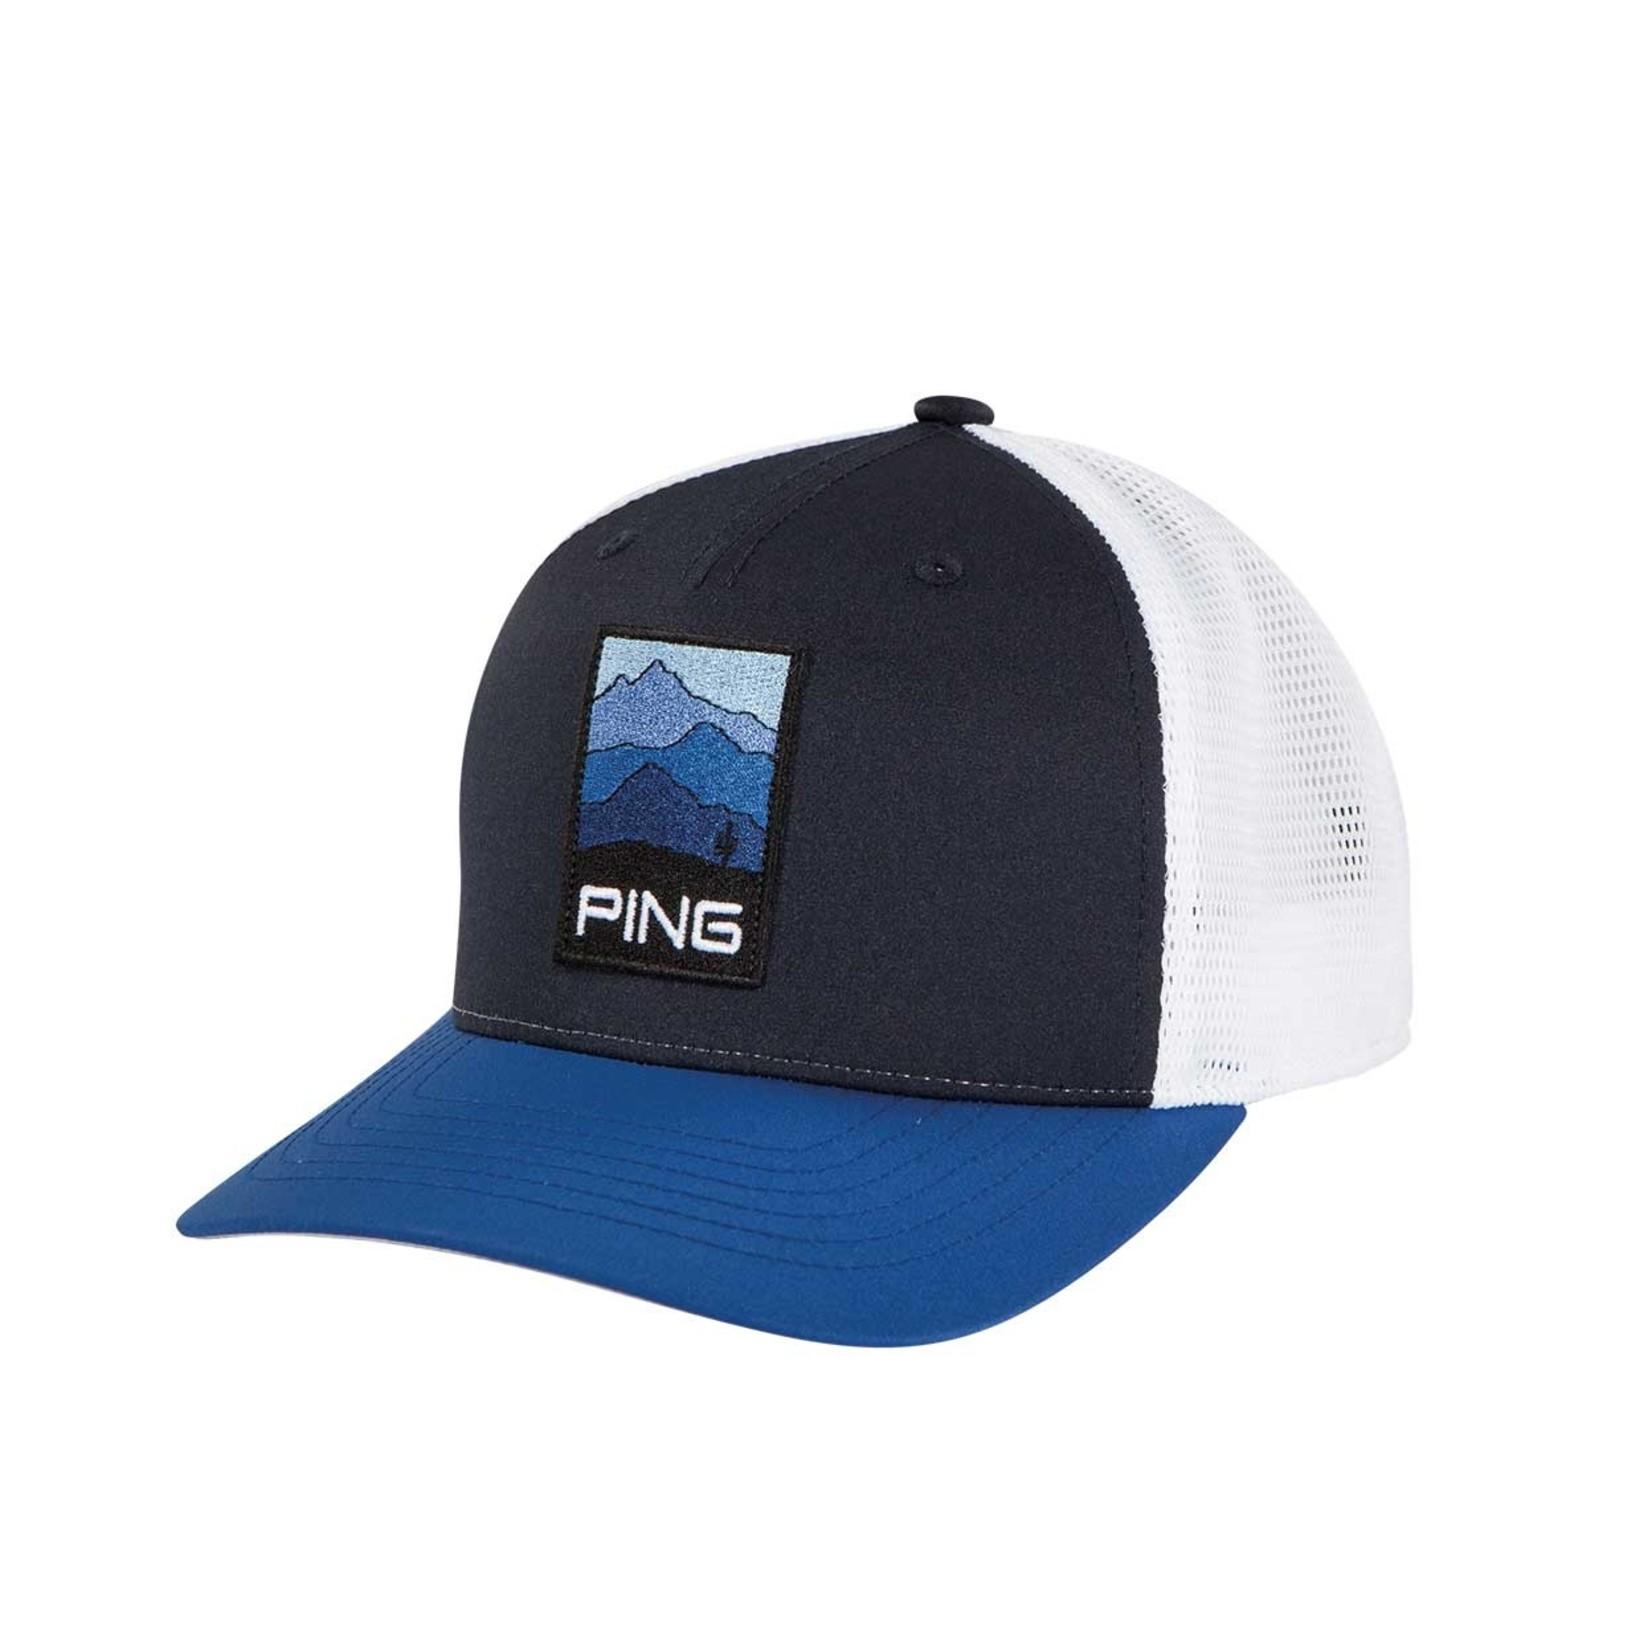 Ping Ping Mountain Patch Cap